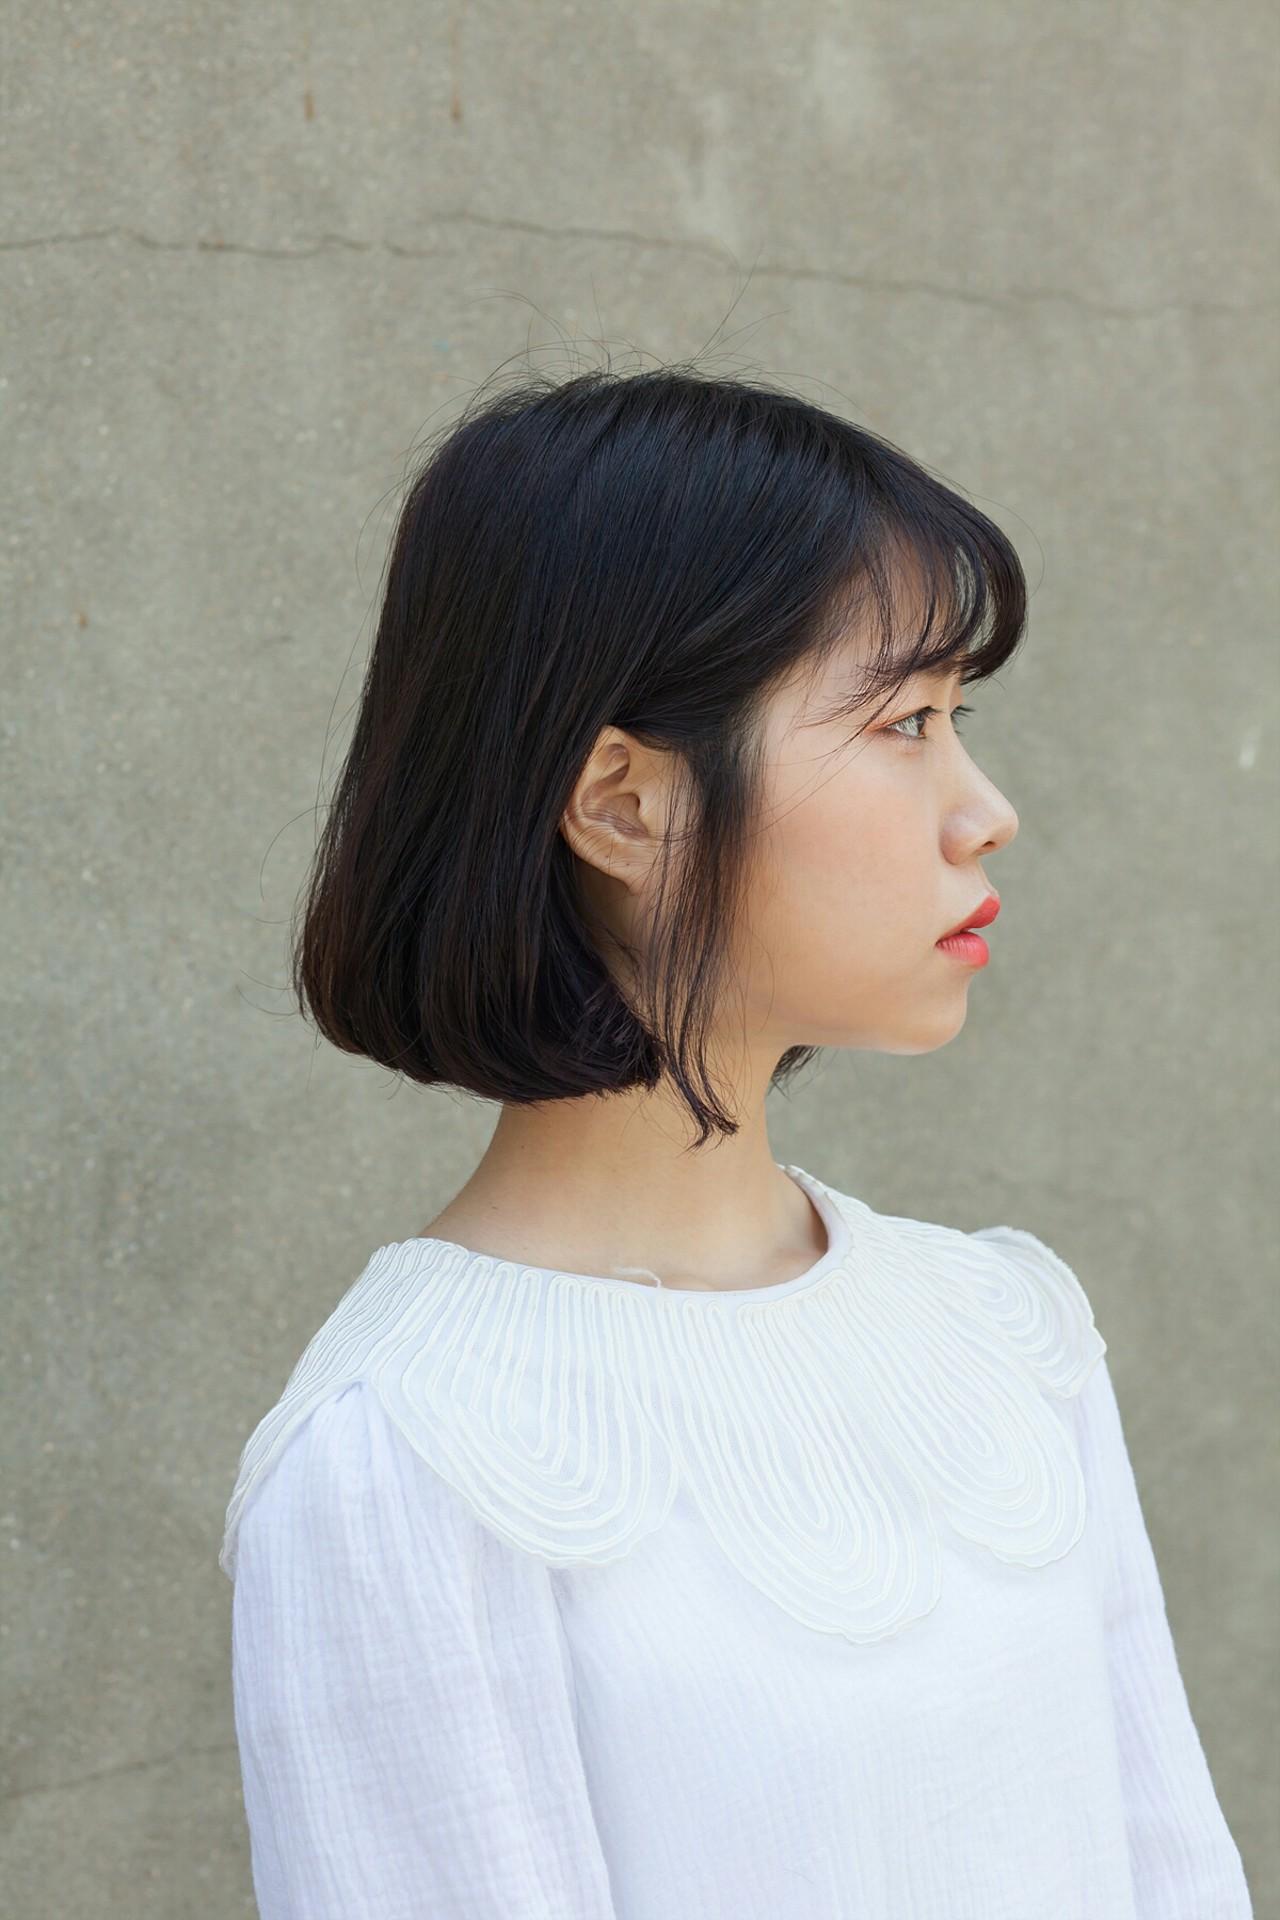 デジタルパーマ ガーリー ボブ パーマ Tanpopo Hair In 韓国 韓国の